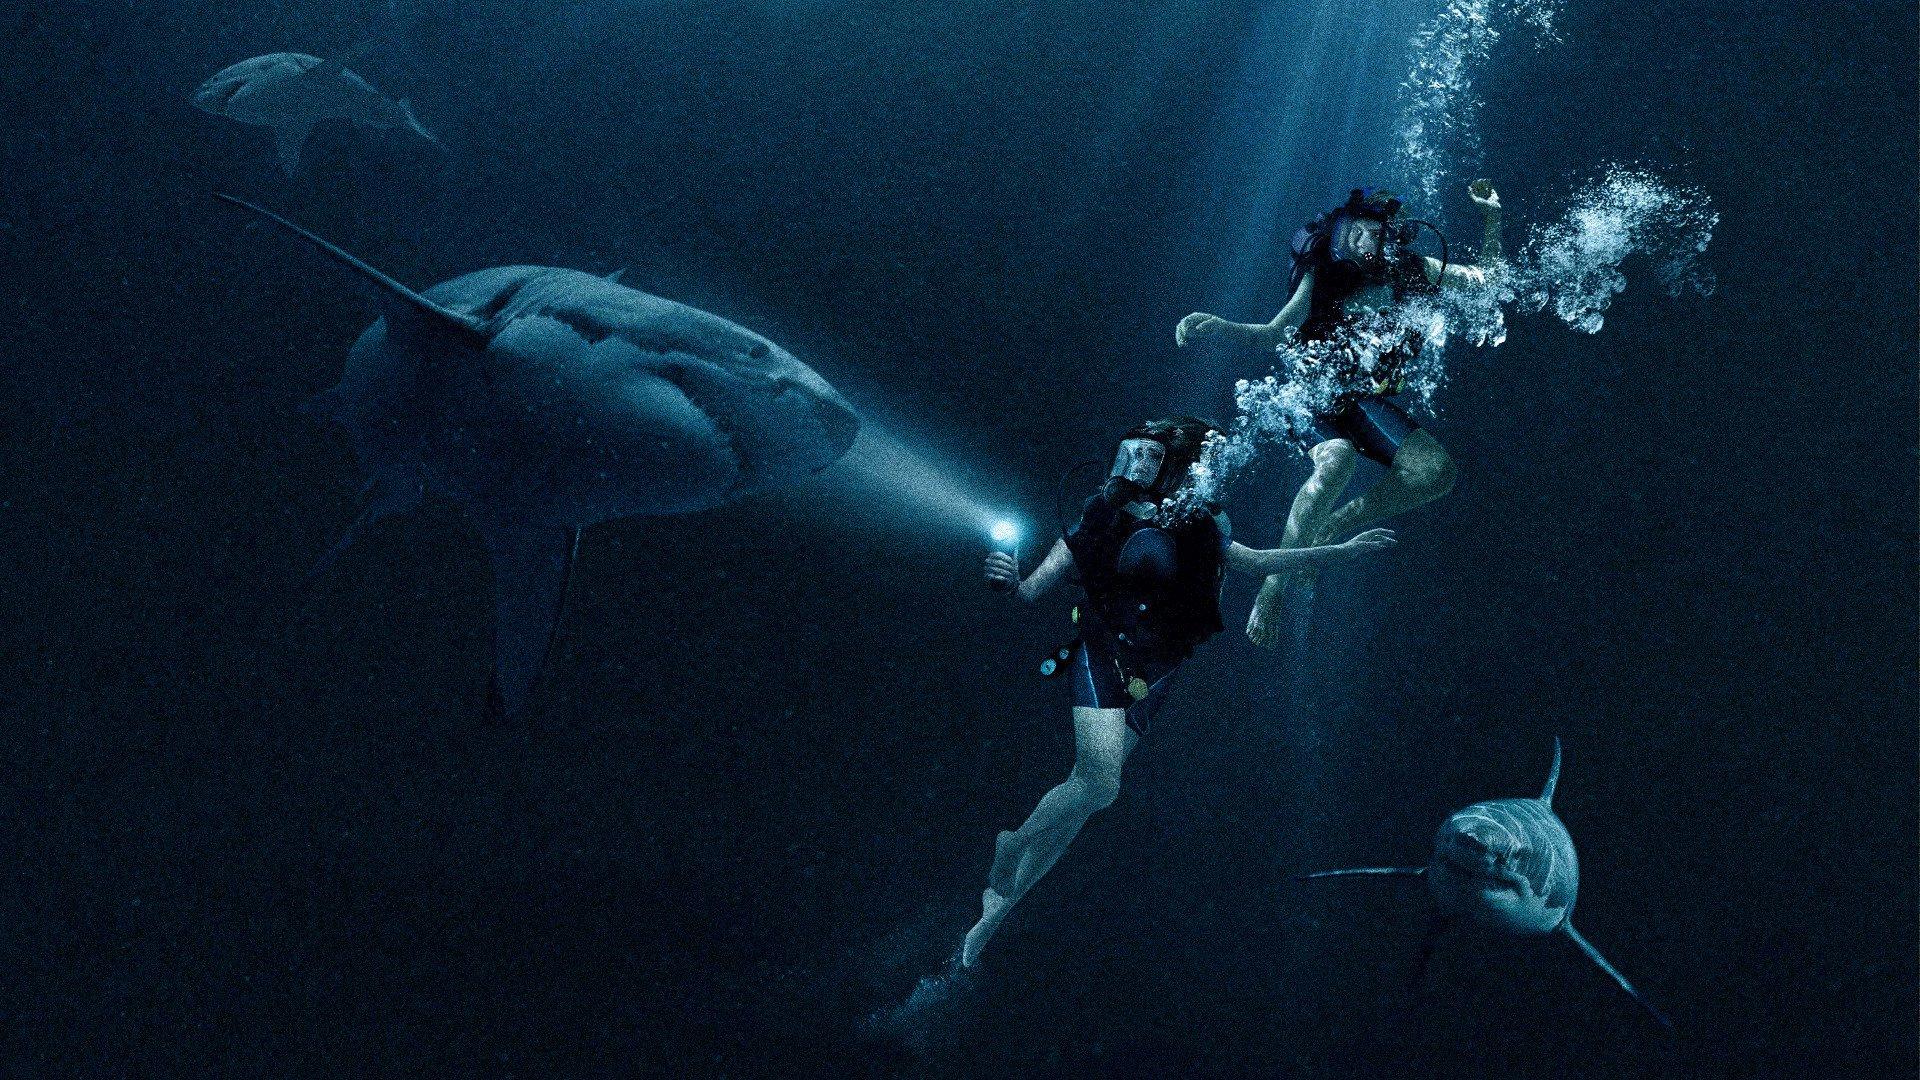 Lám a cápa szája tátva - 47 méter mélyen kritika